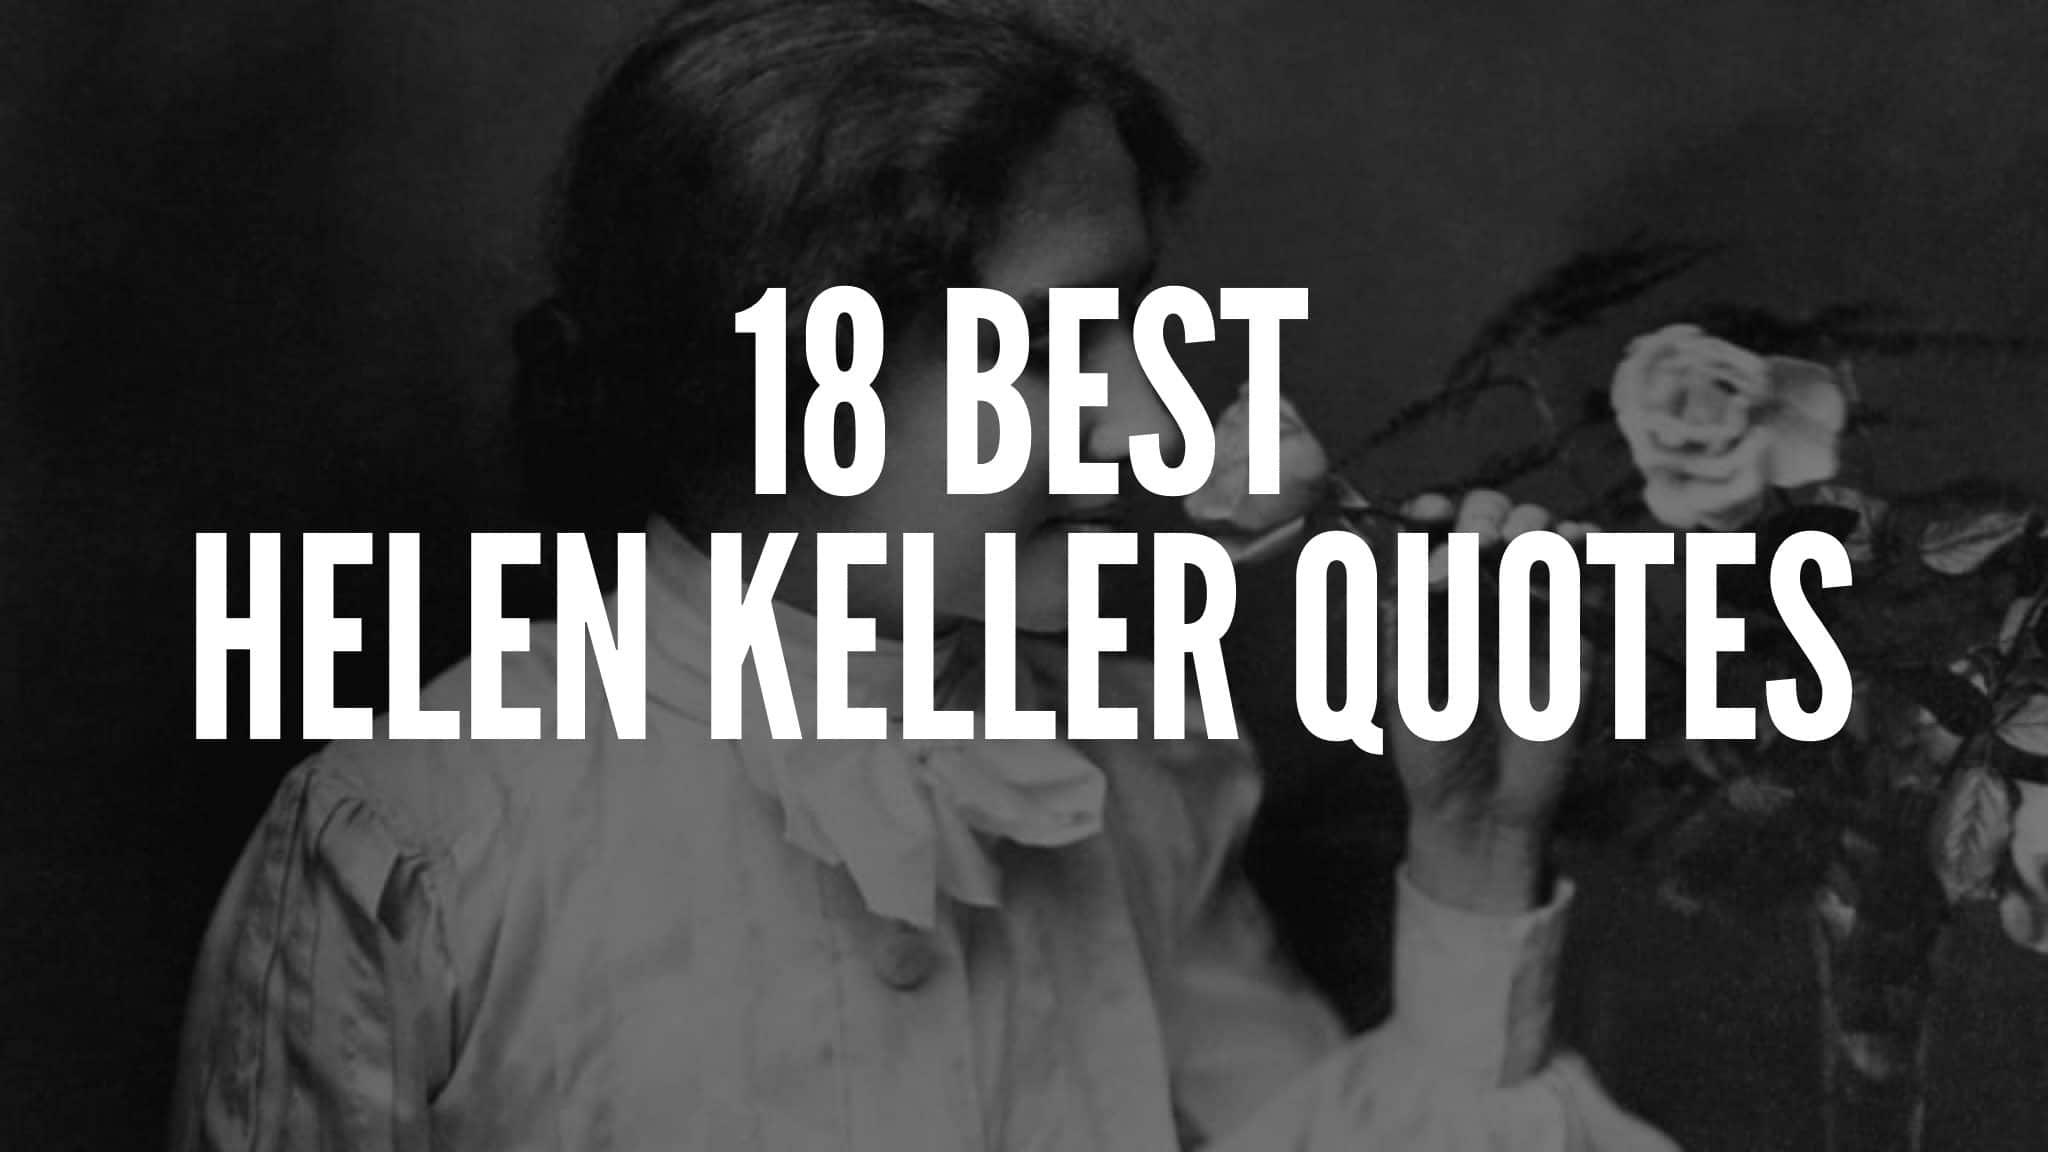 18 Best Helen Keller Quotes